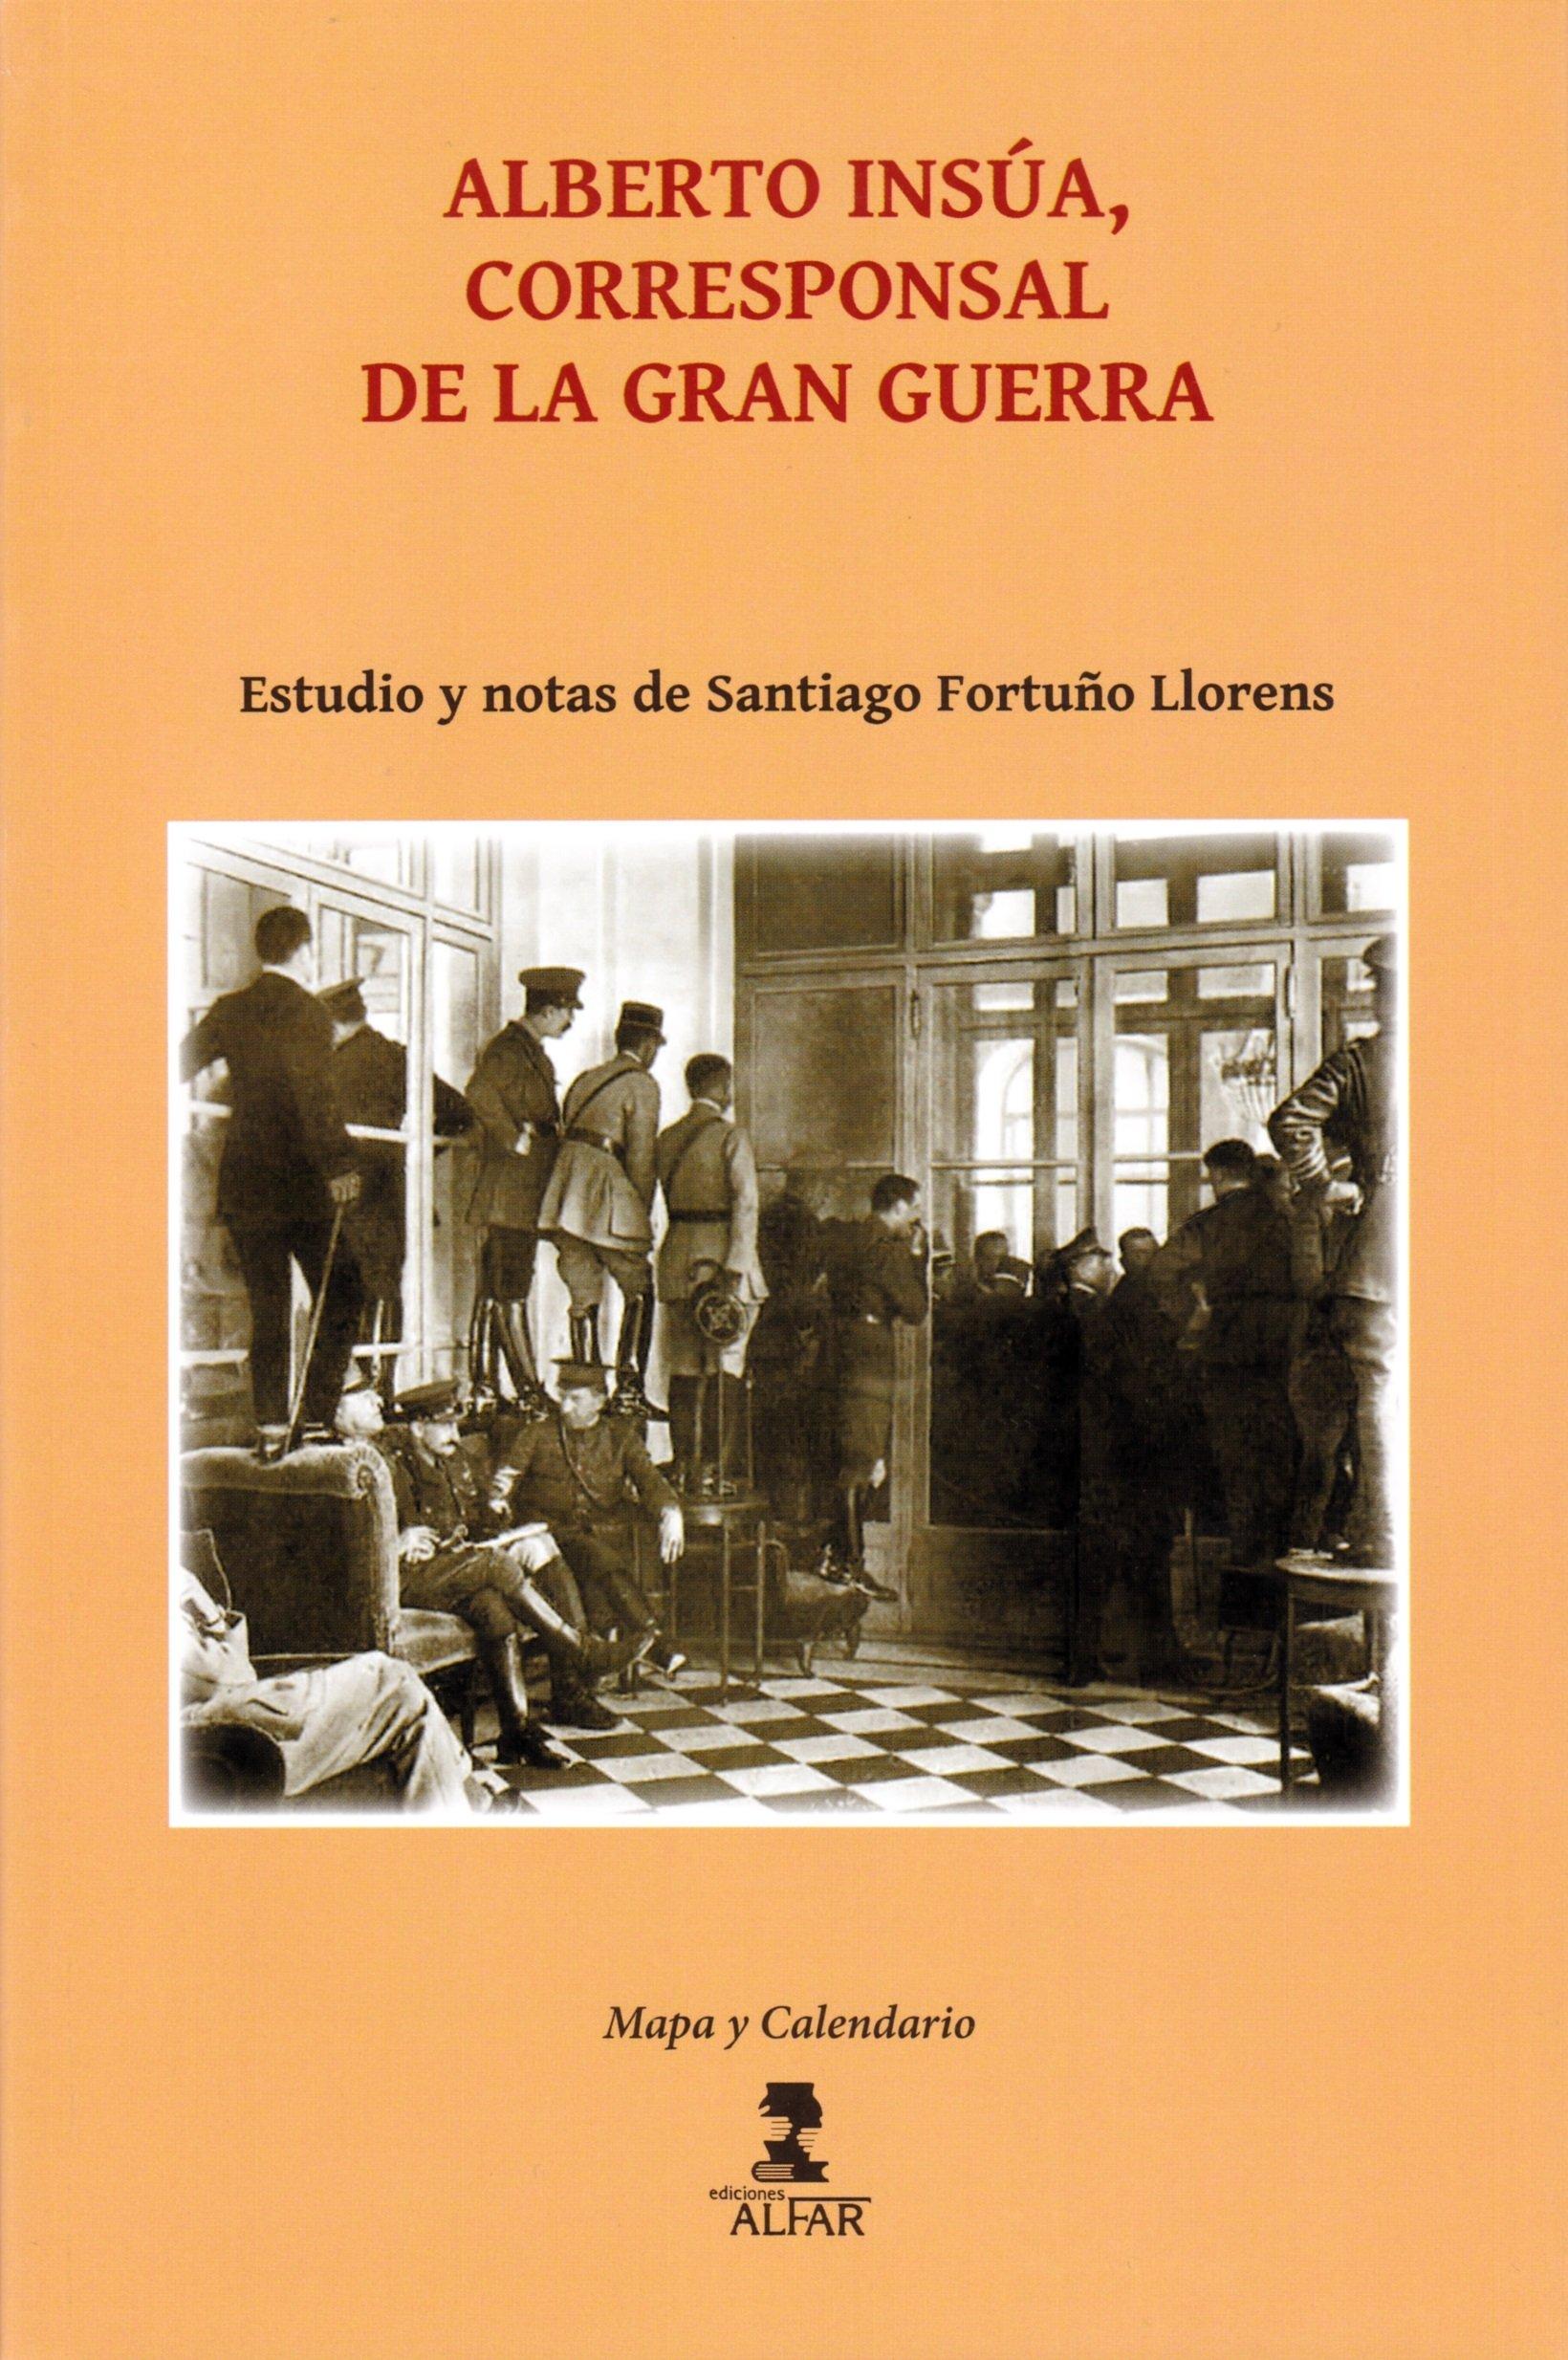 Alberto Insúa, corresponsal de la Gran Guerra Mapa y Calendario: Amazon.es: Insúa, Alberto, Fortuño Llorens, Santiago: Libros